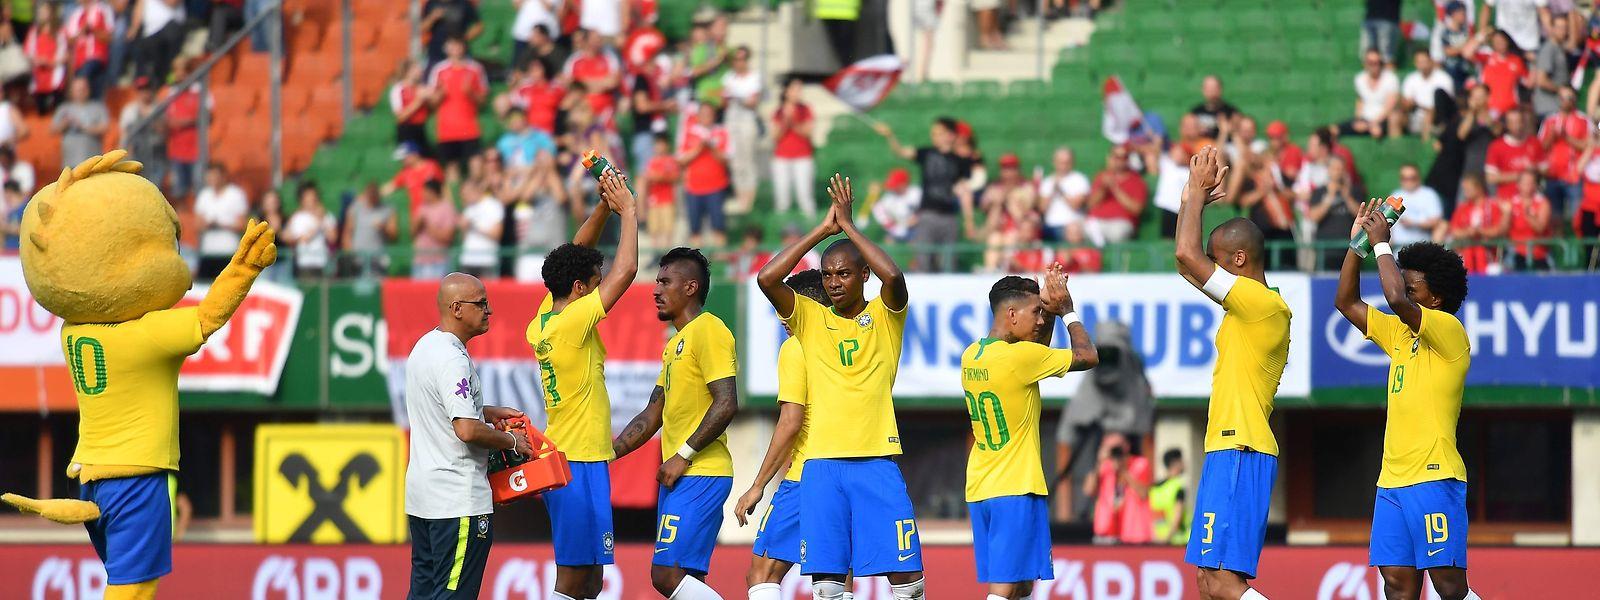 Humilié à domicile en 2014, le Brésil va-t-il prendre sa revanche quatre ans plus tard?